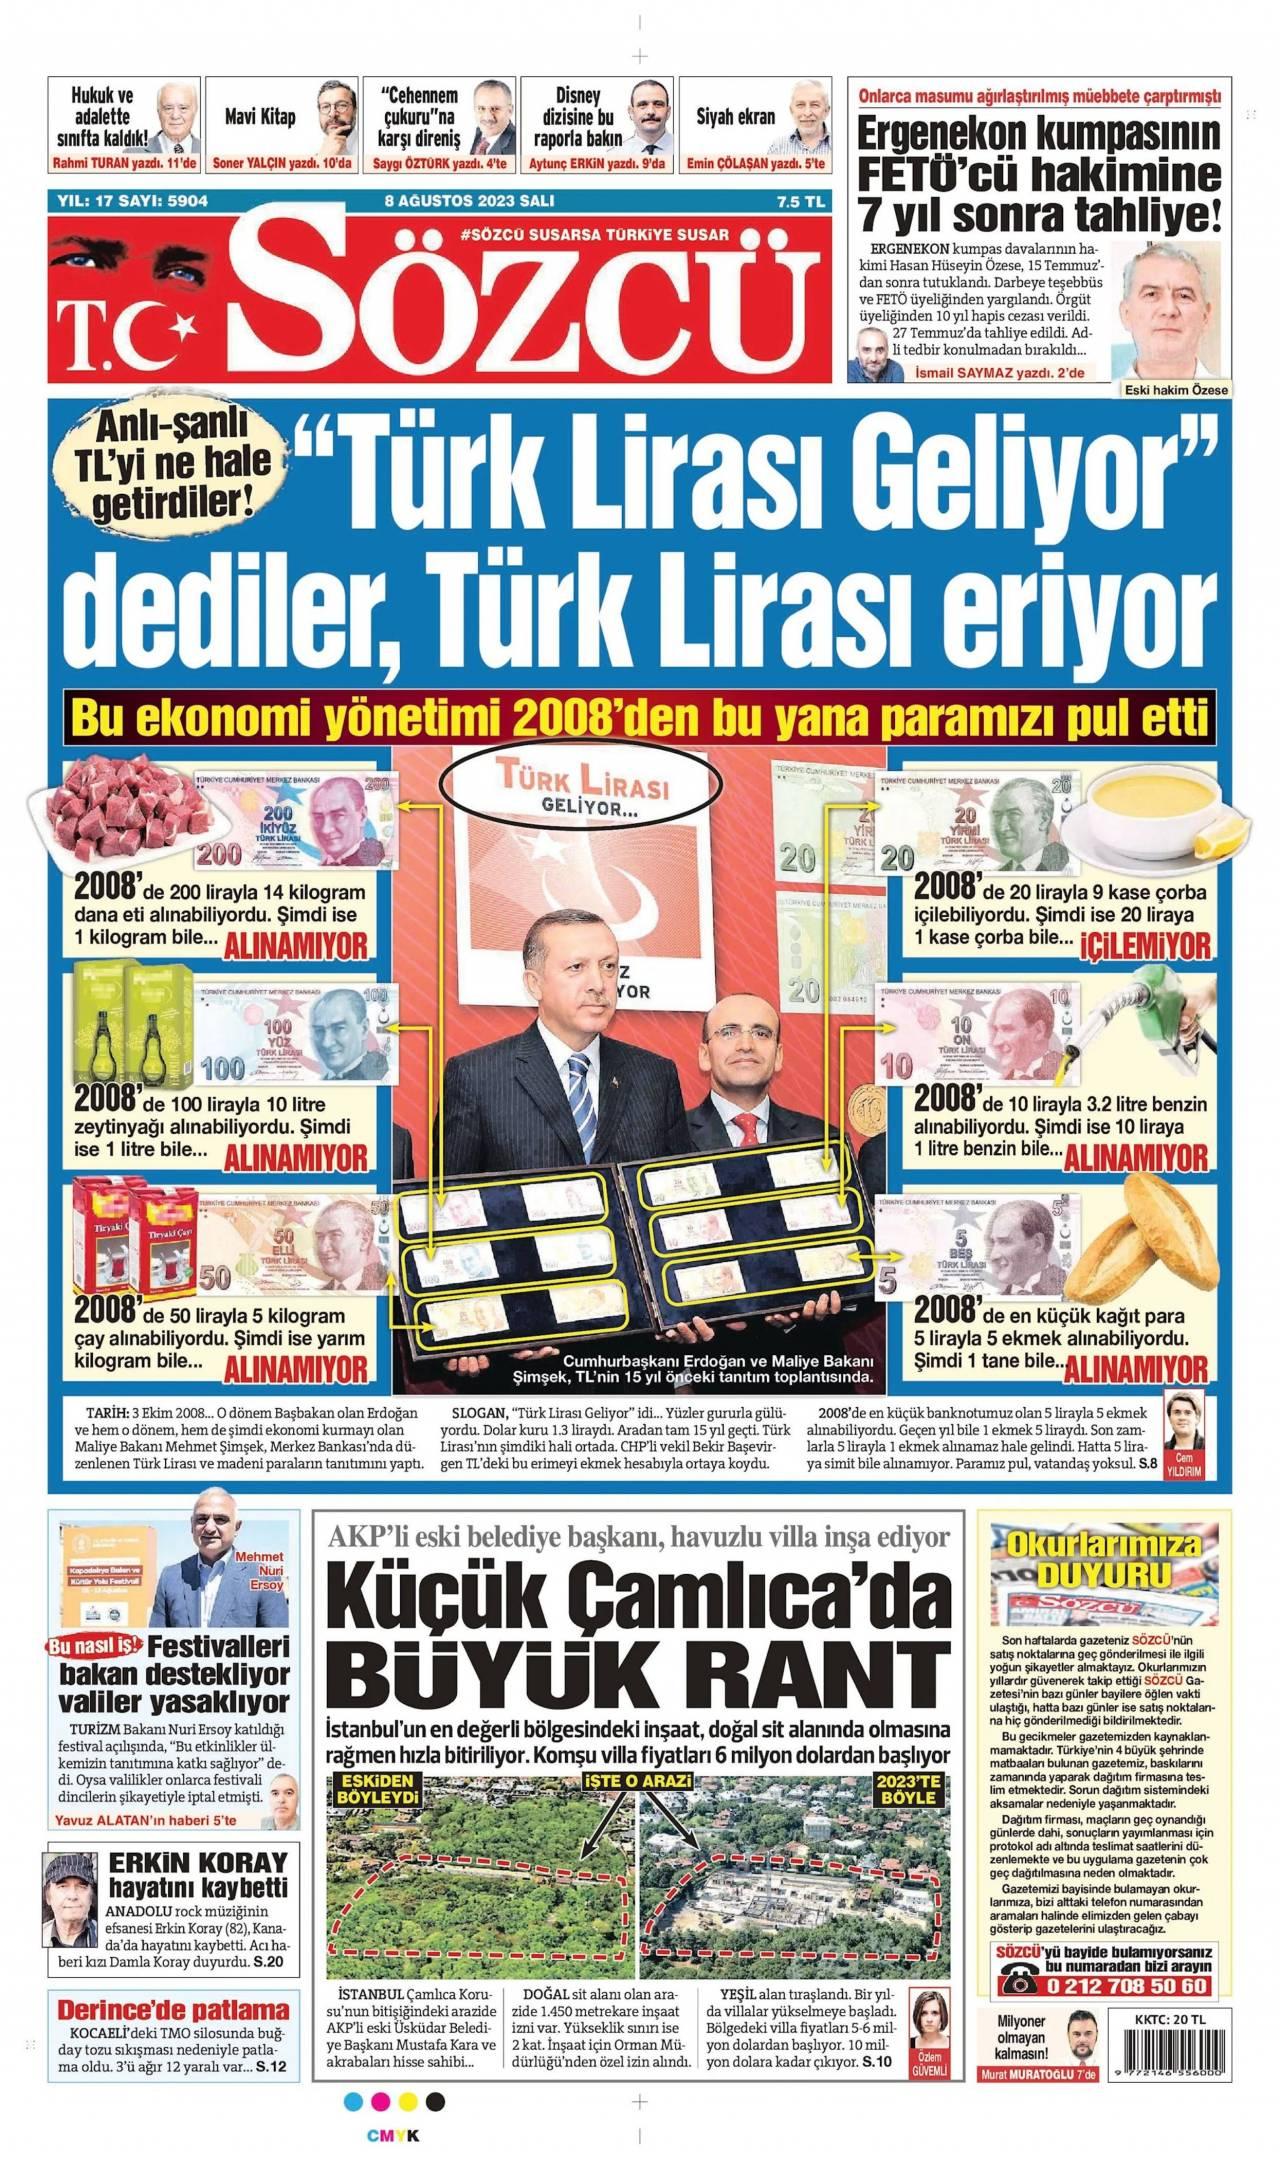 20 Mayıs 2019, Pazartesi sozcu Gazetesi